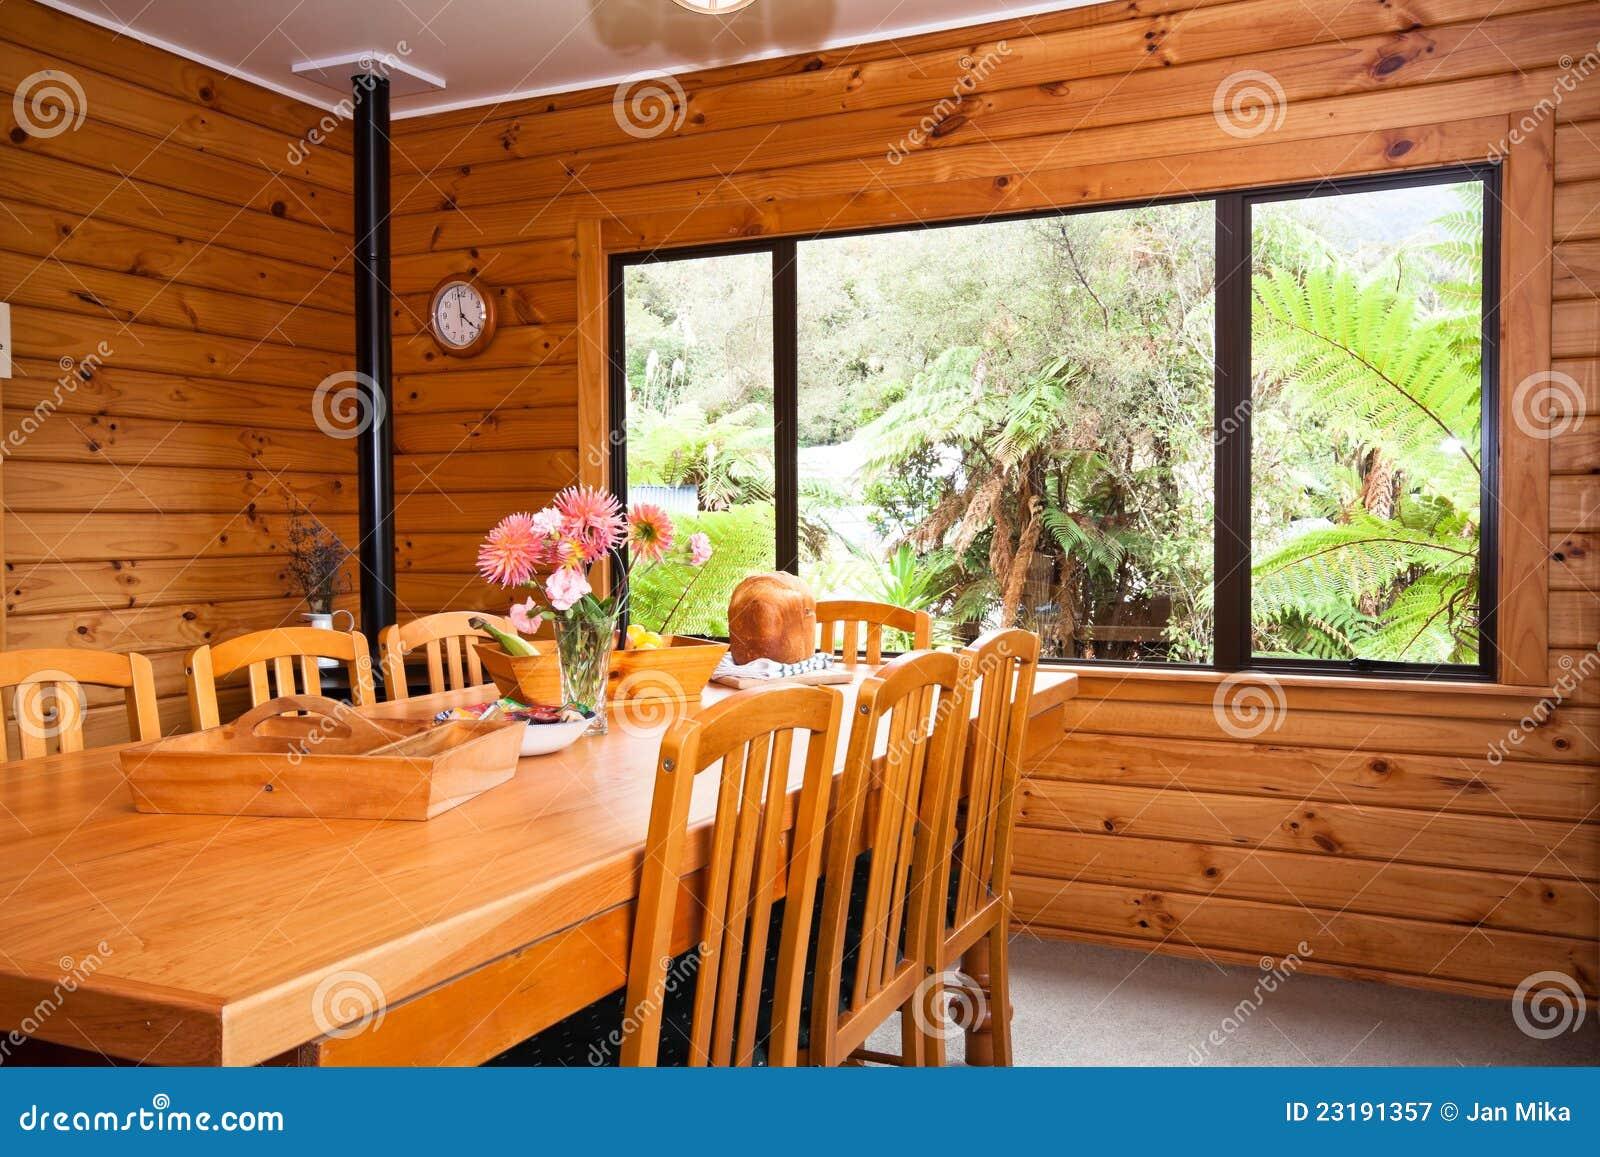 Detalle interior del comedor de madera de la casa de campo imagen de archivo imagen de casa - Interior casas de madera ...